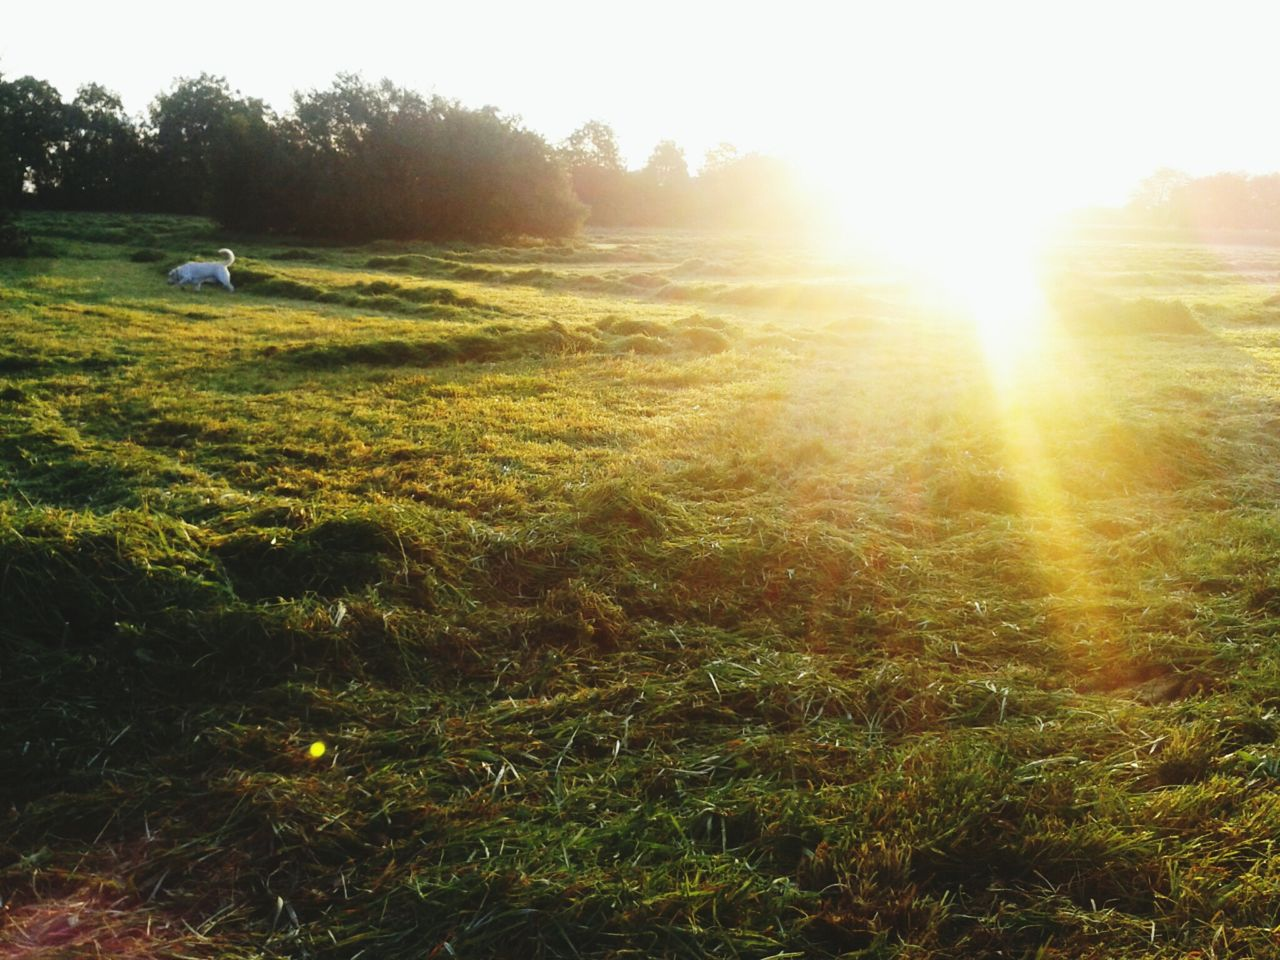 Dog In Meadow In Sunlight